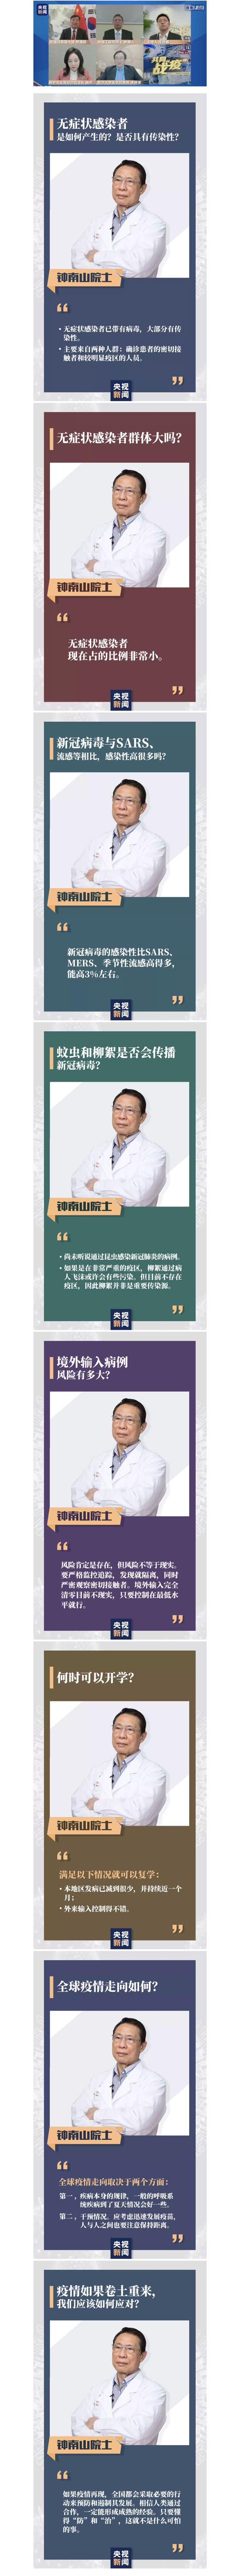 钟南山最新回应2.jpg